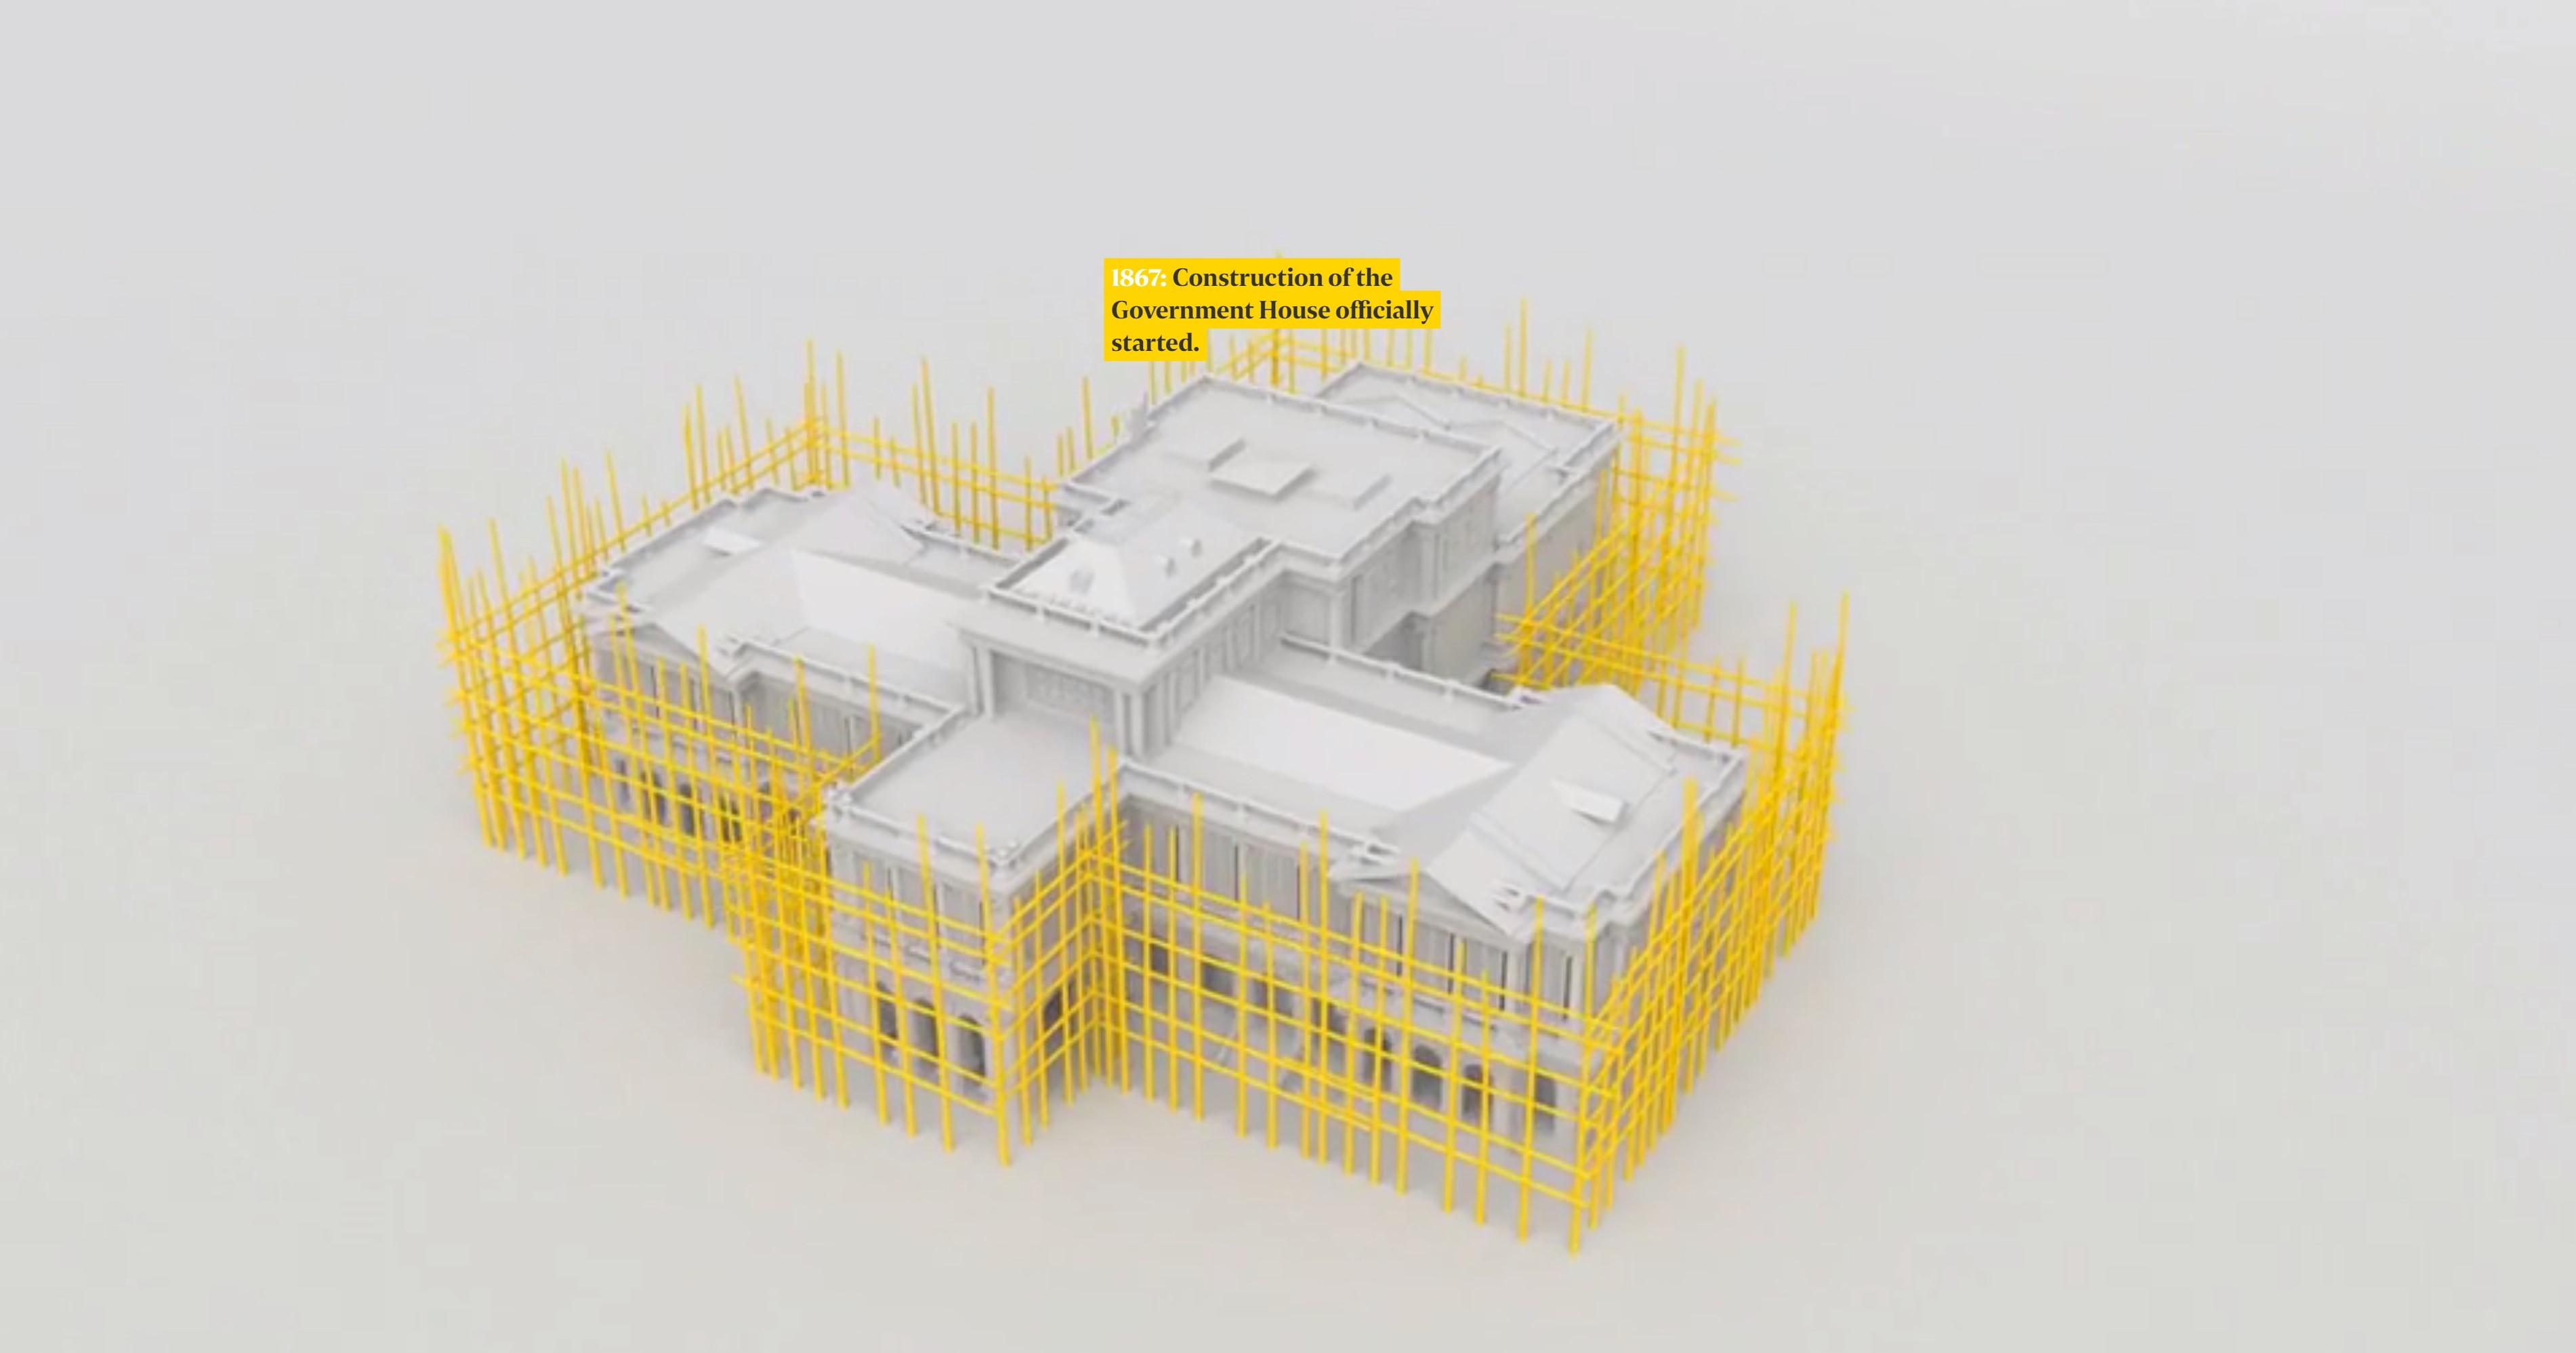 """Элементы 3D-графики в мультимедийном проекте """"Inside the Istana"""". Скриншот страницы проекта"""